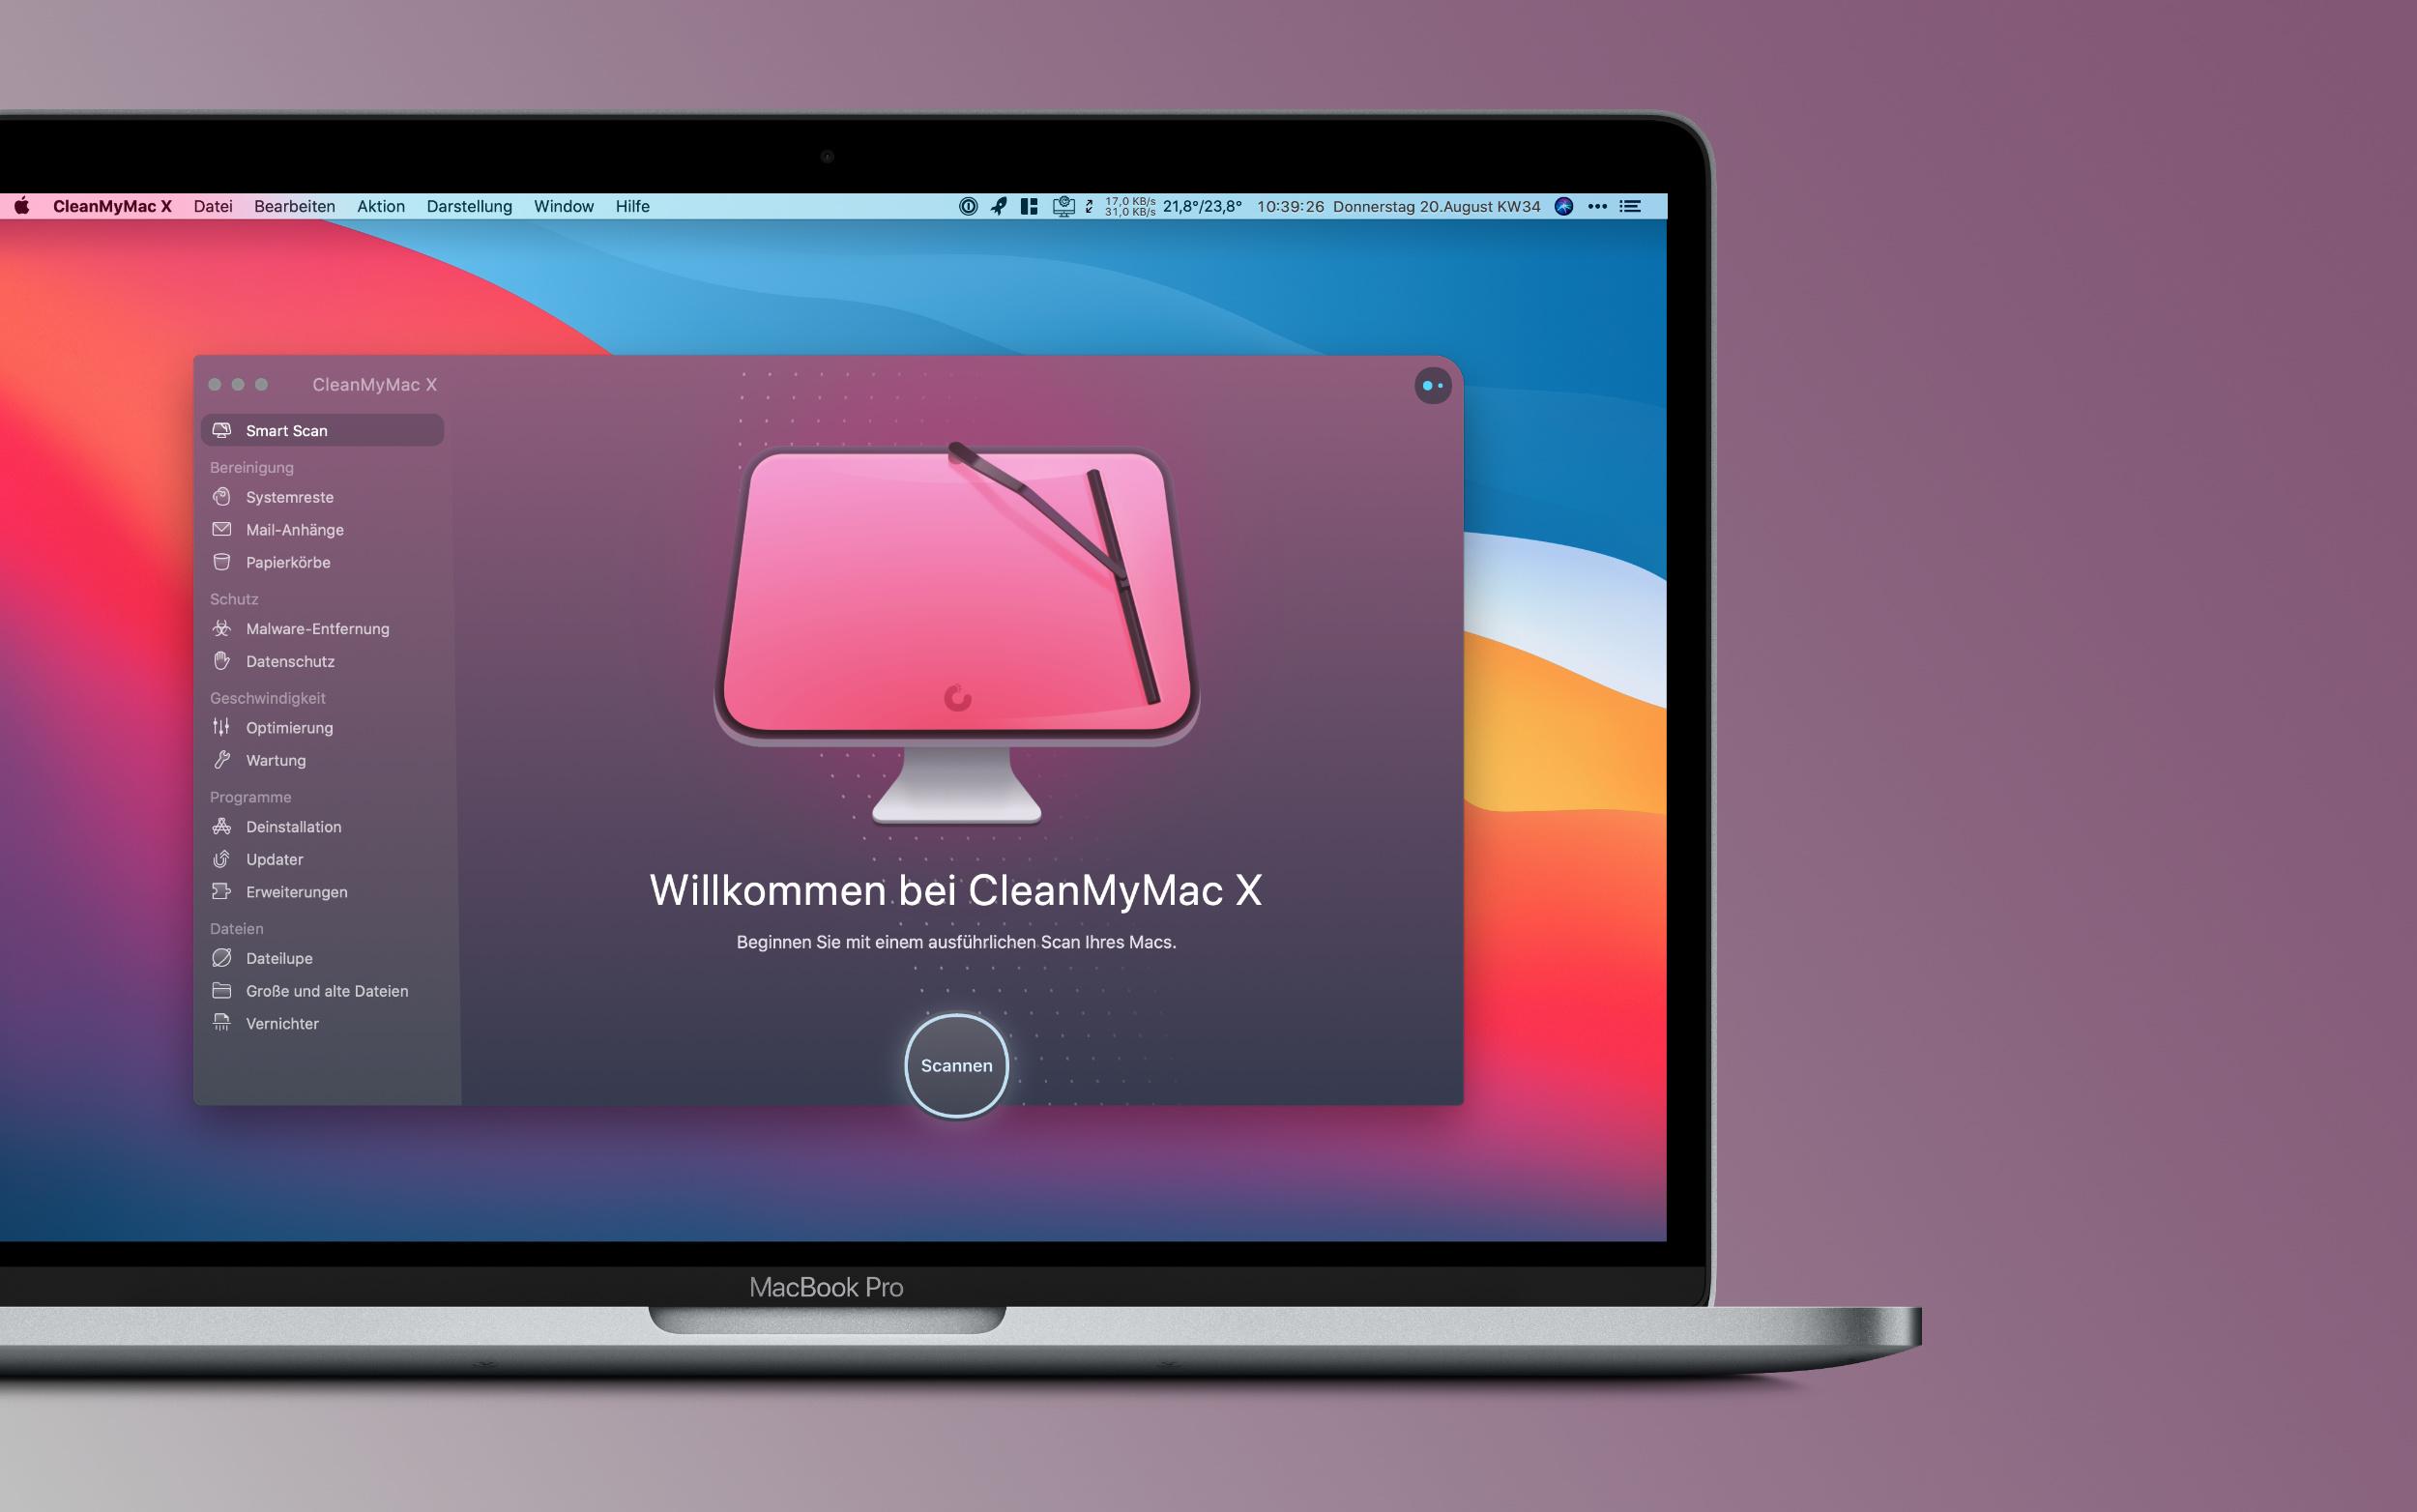 CleanMyMac-X-fuer-macOS-so-machst-du-den-Mac-wieder-flott-und-ordentlich1 CleanMyMac X für macOS - macht den Mac wieder flott und ordentlich